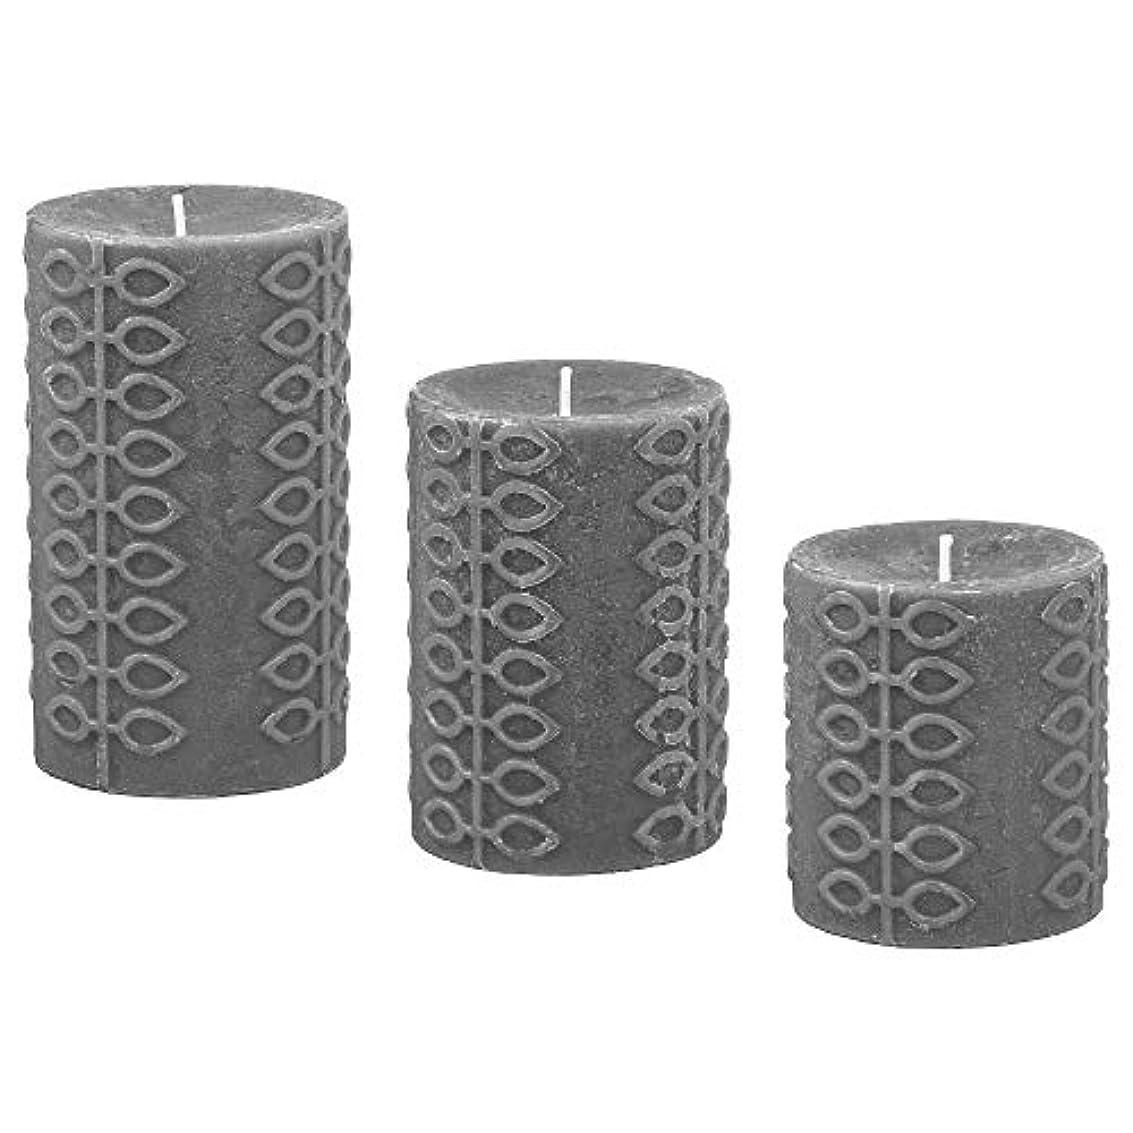 IKEA/イケア NJUTNING:香り付きブロックキャンドル3個セット 花開くベルガモット/グレー(303.505.15)